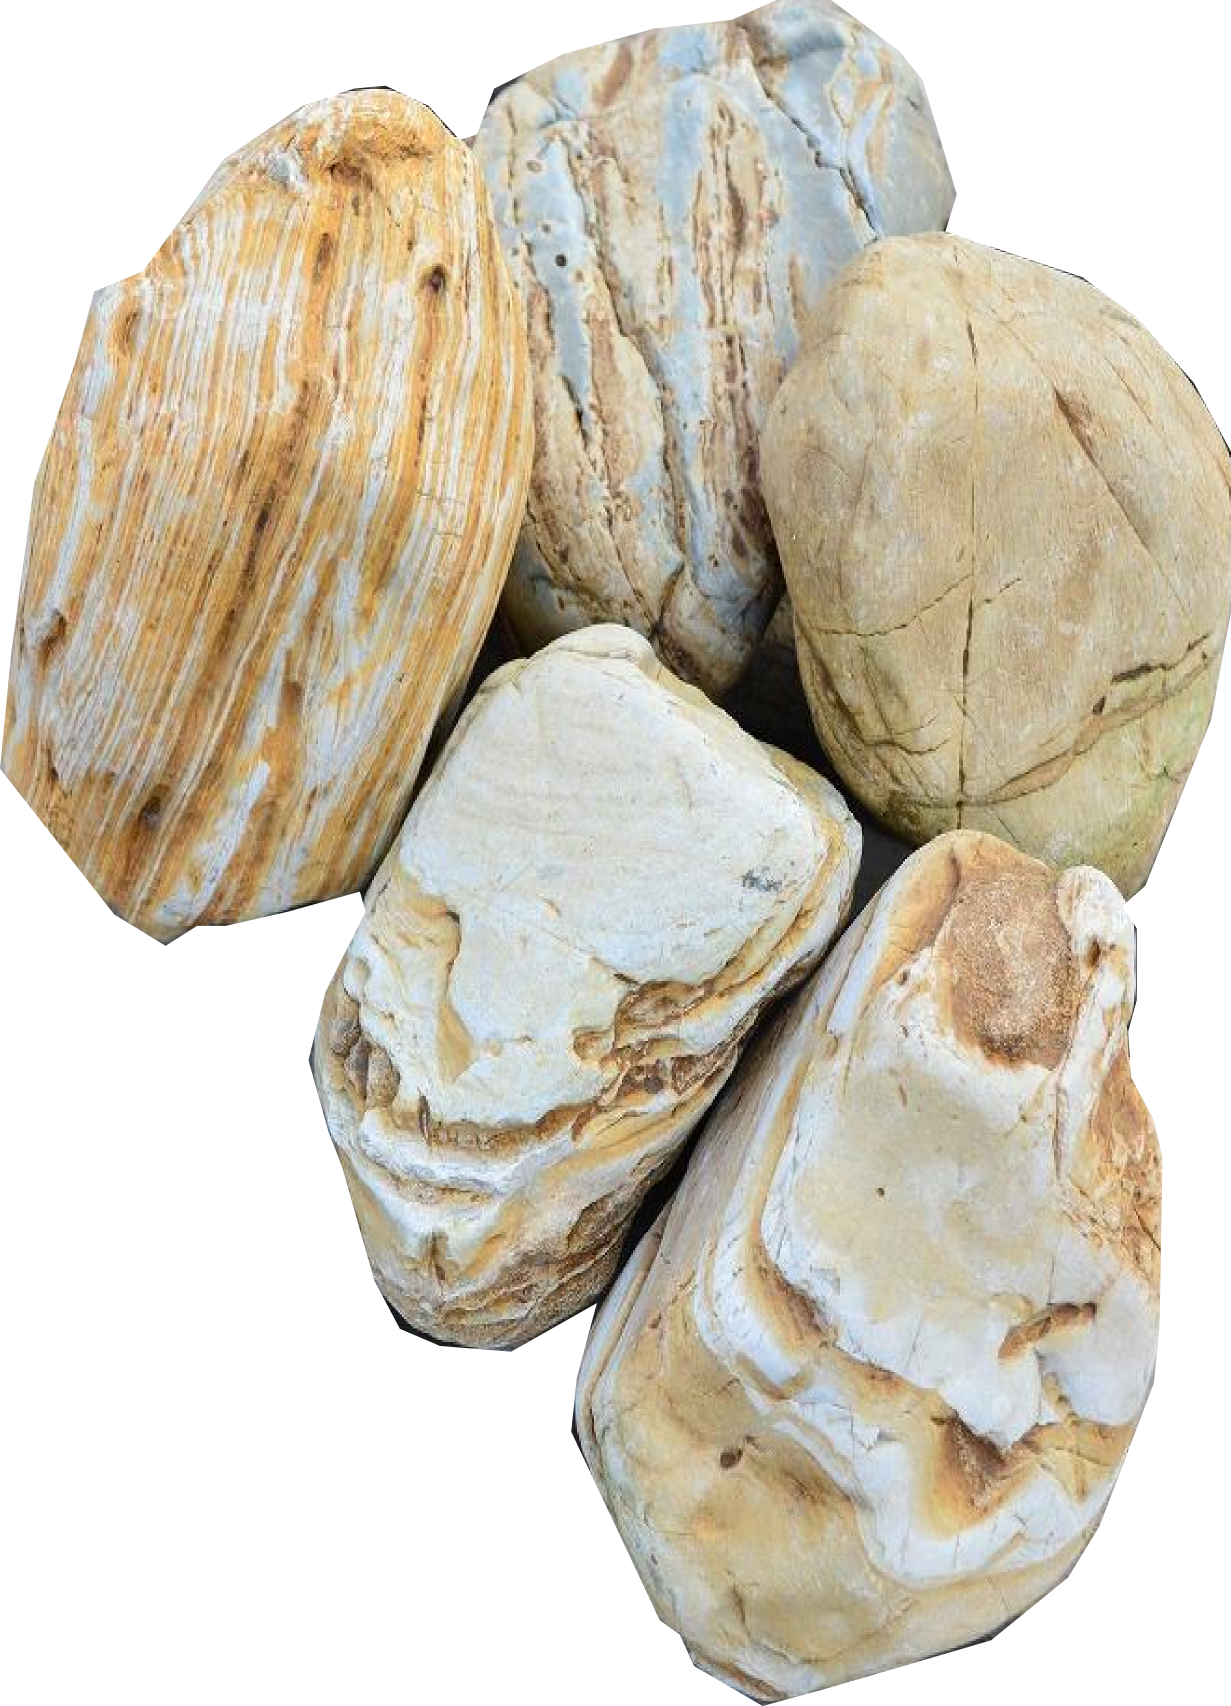 マーブルストーン【5個】新入荷マーブル模様の珍しい庭石 送料格安!:niwaisi0107